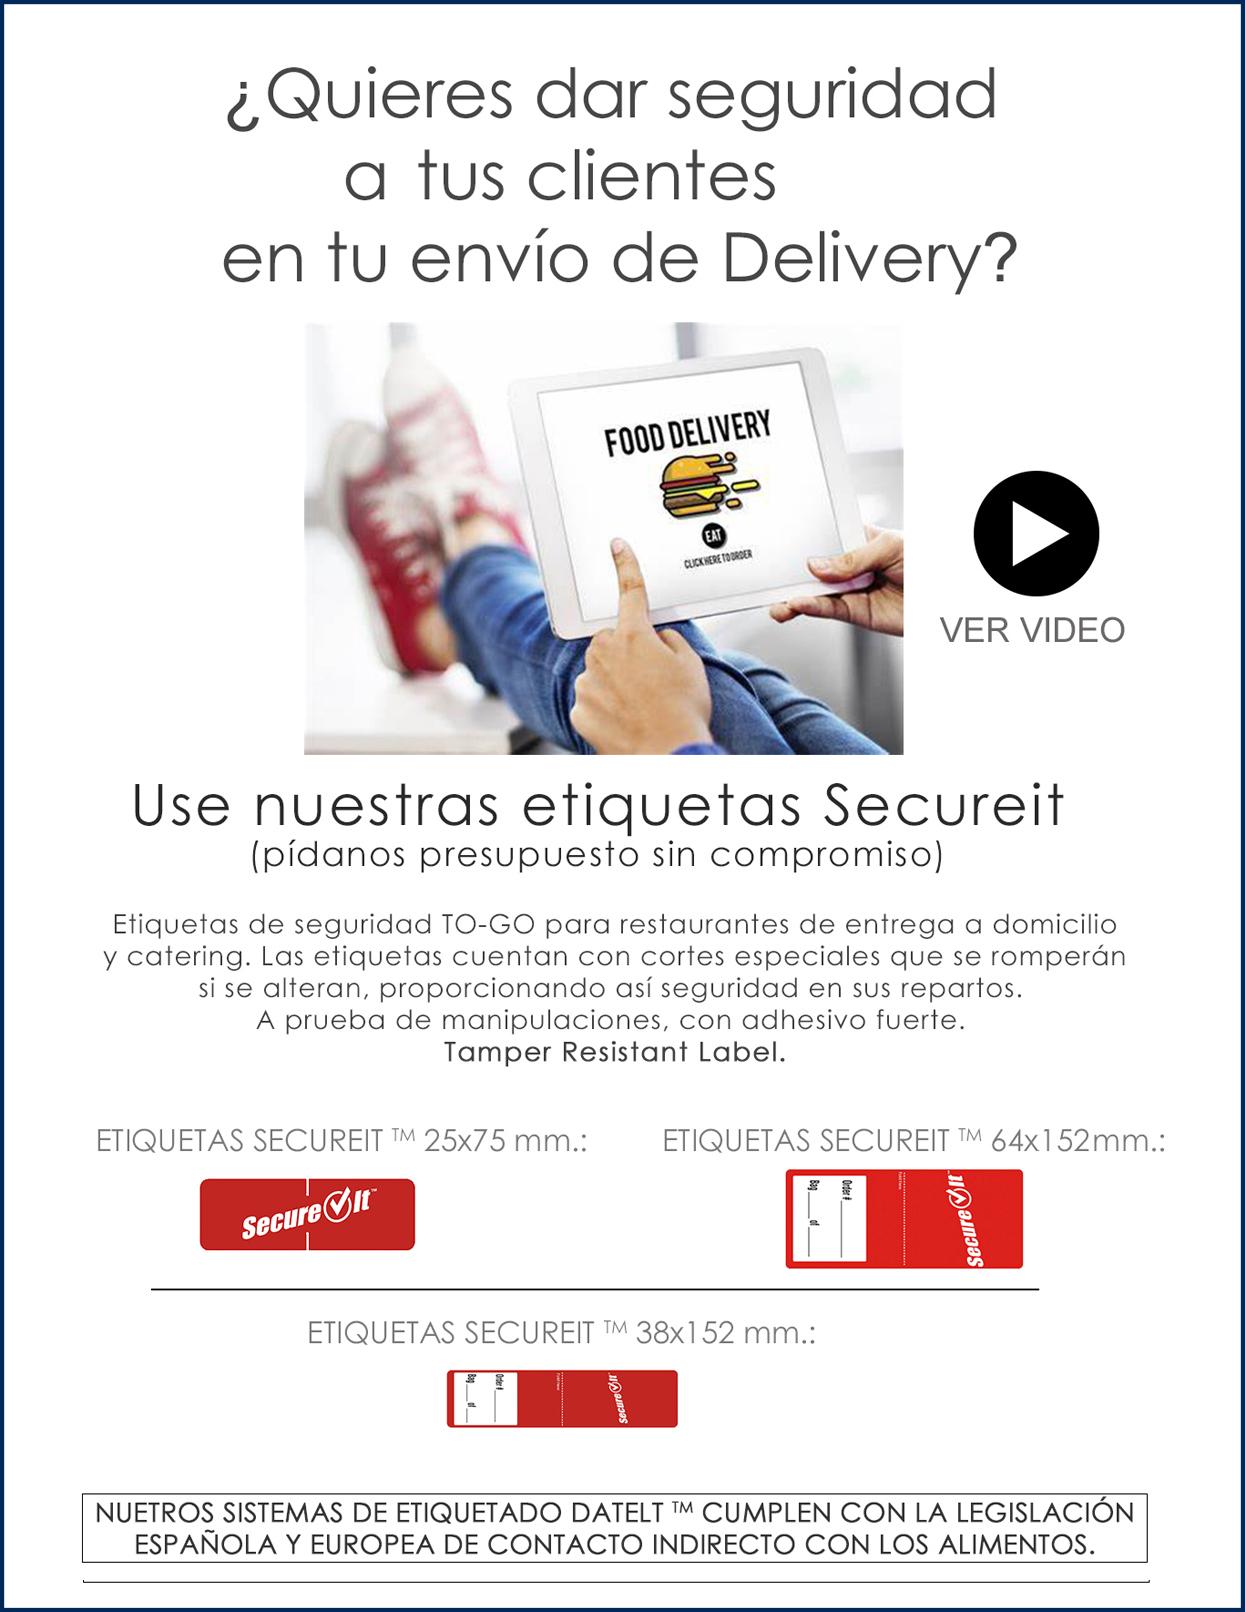 Seguridad en envío delivery